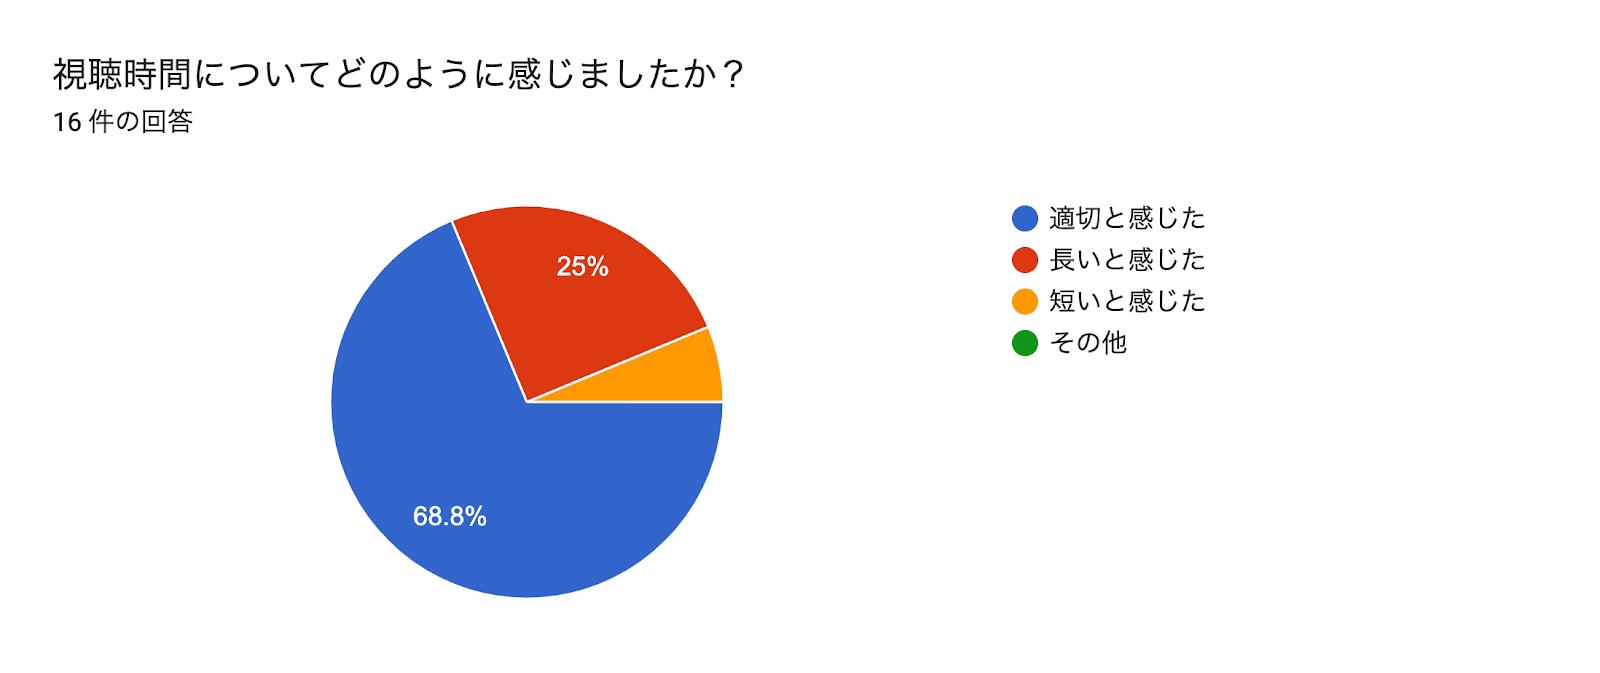 フォームの回答のグラフ。質問のタイトル: 視聴時間についてどのように感じましたか?。回答数: 16 件の回答。